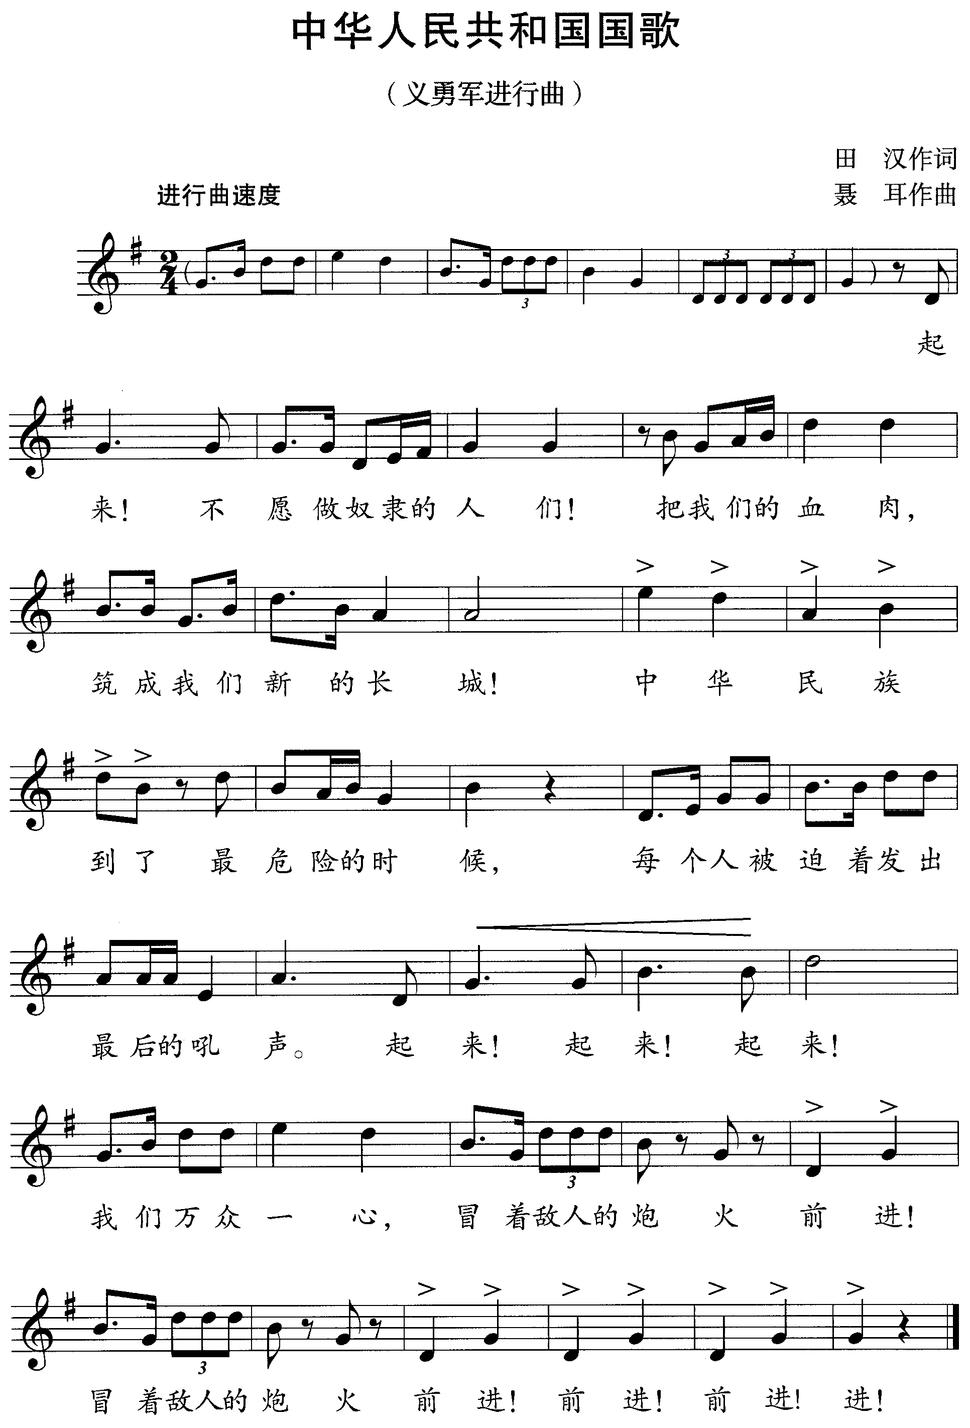 中华人民共和国国歌 (五线谱版)